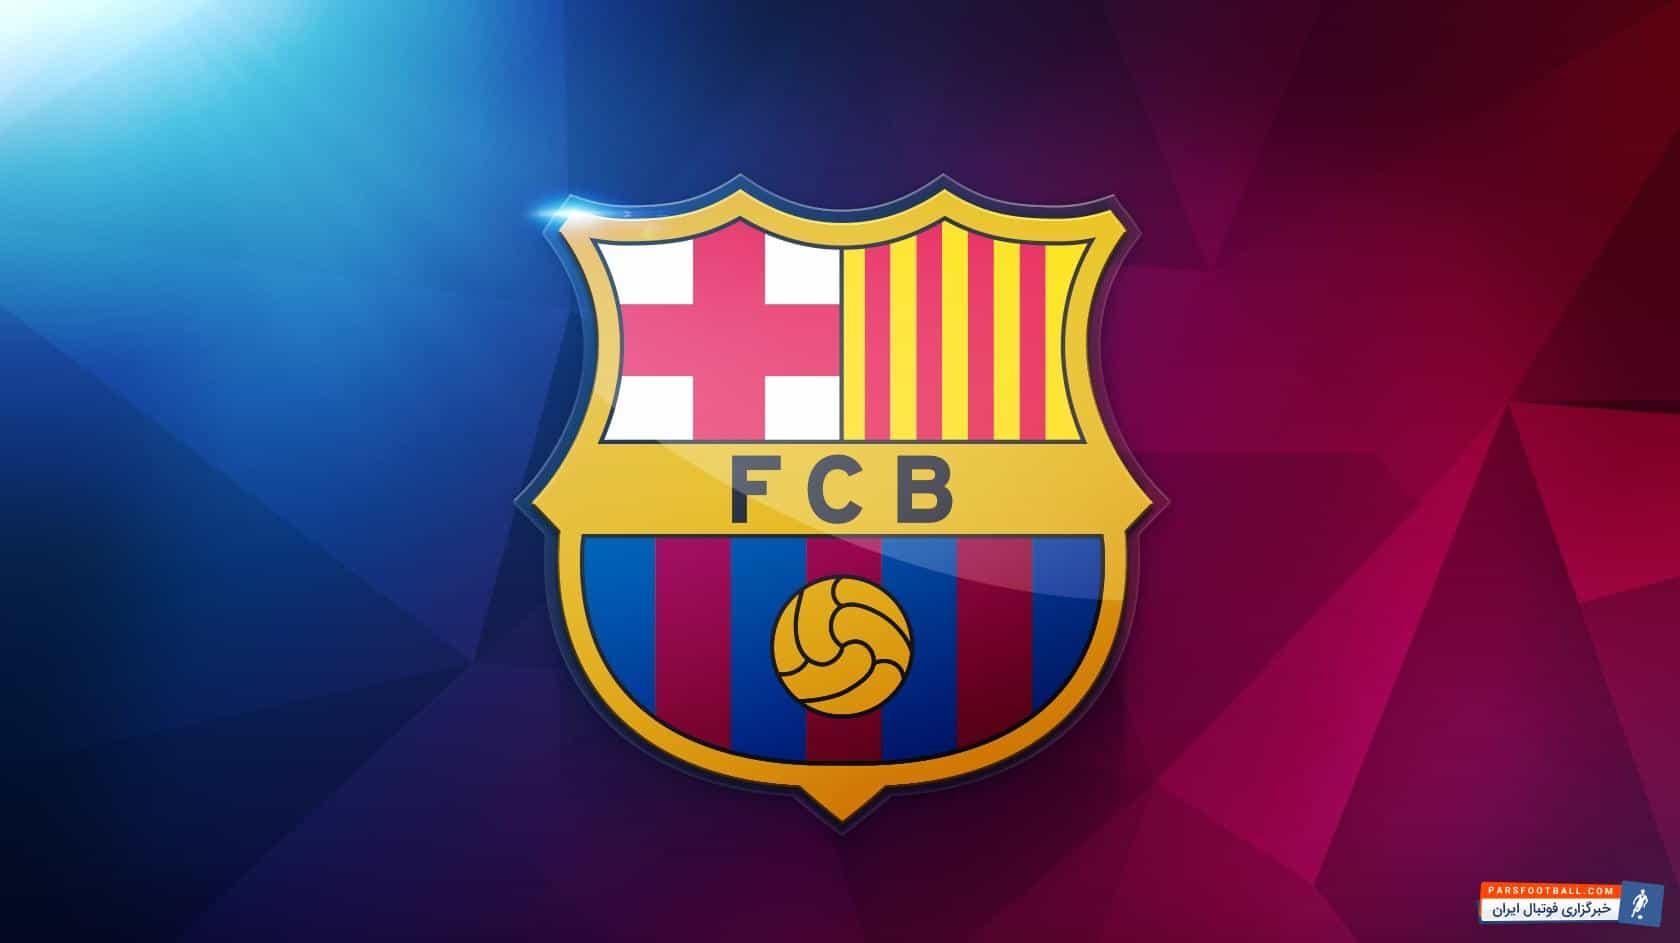 بارسلونا به وضوح زیبا بازی نمی کند ؛ بارسلونای والورده تیمی متفاوت تر از همه فصول